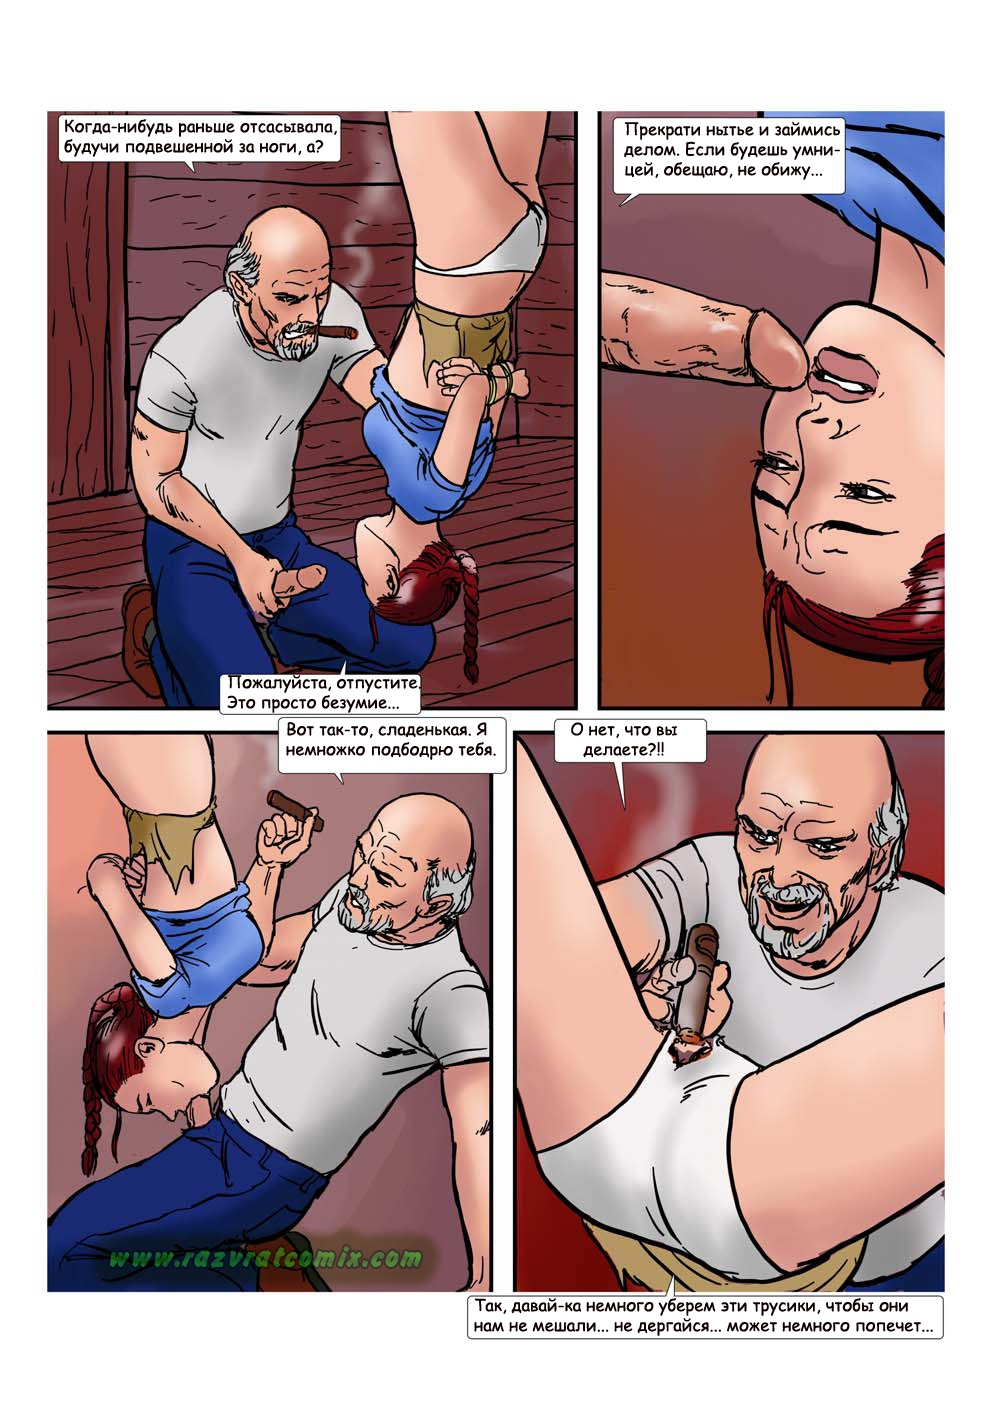 Надо было порно комиксы в походе может, все